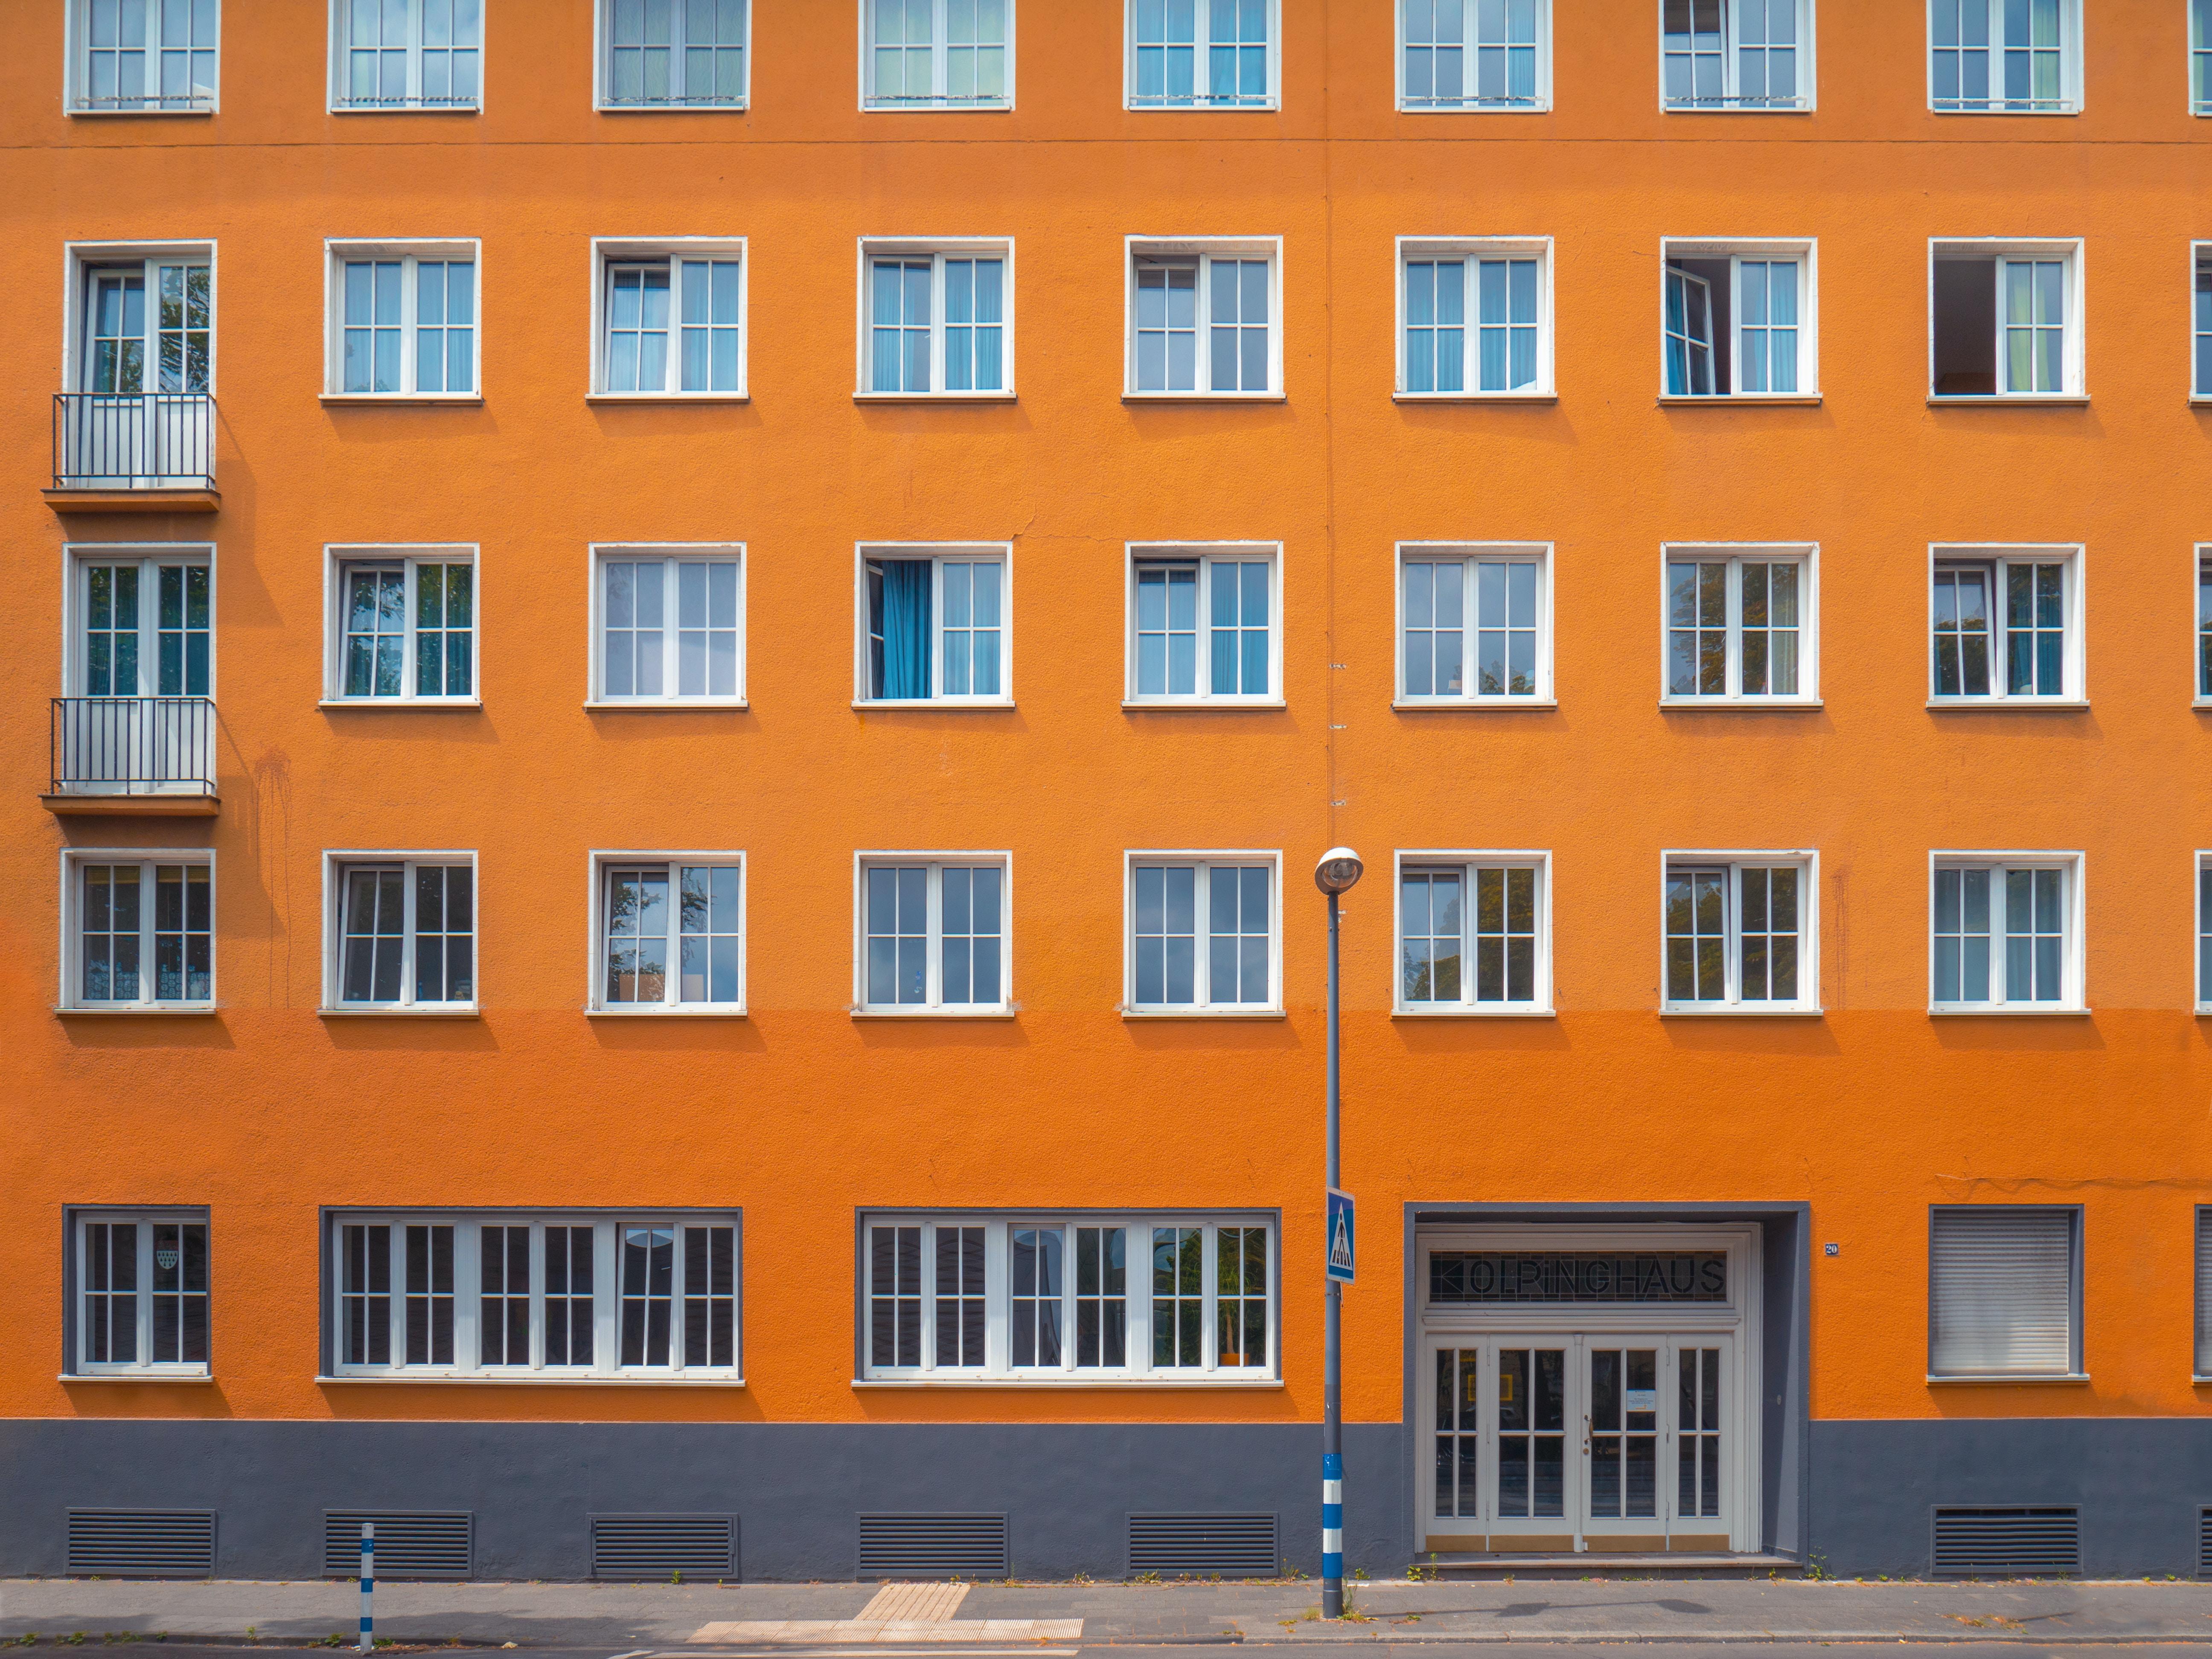 photo of orange building